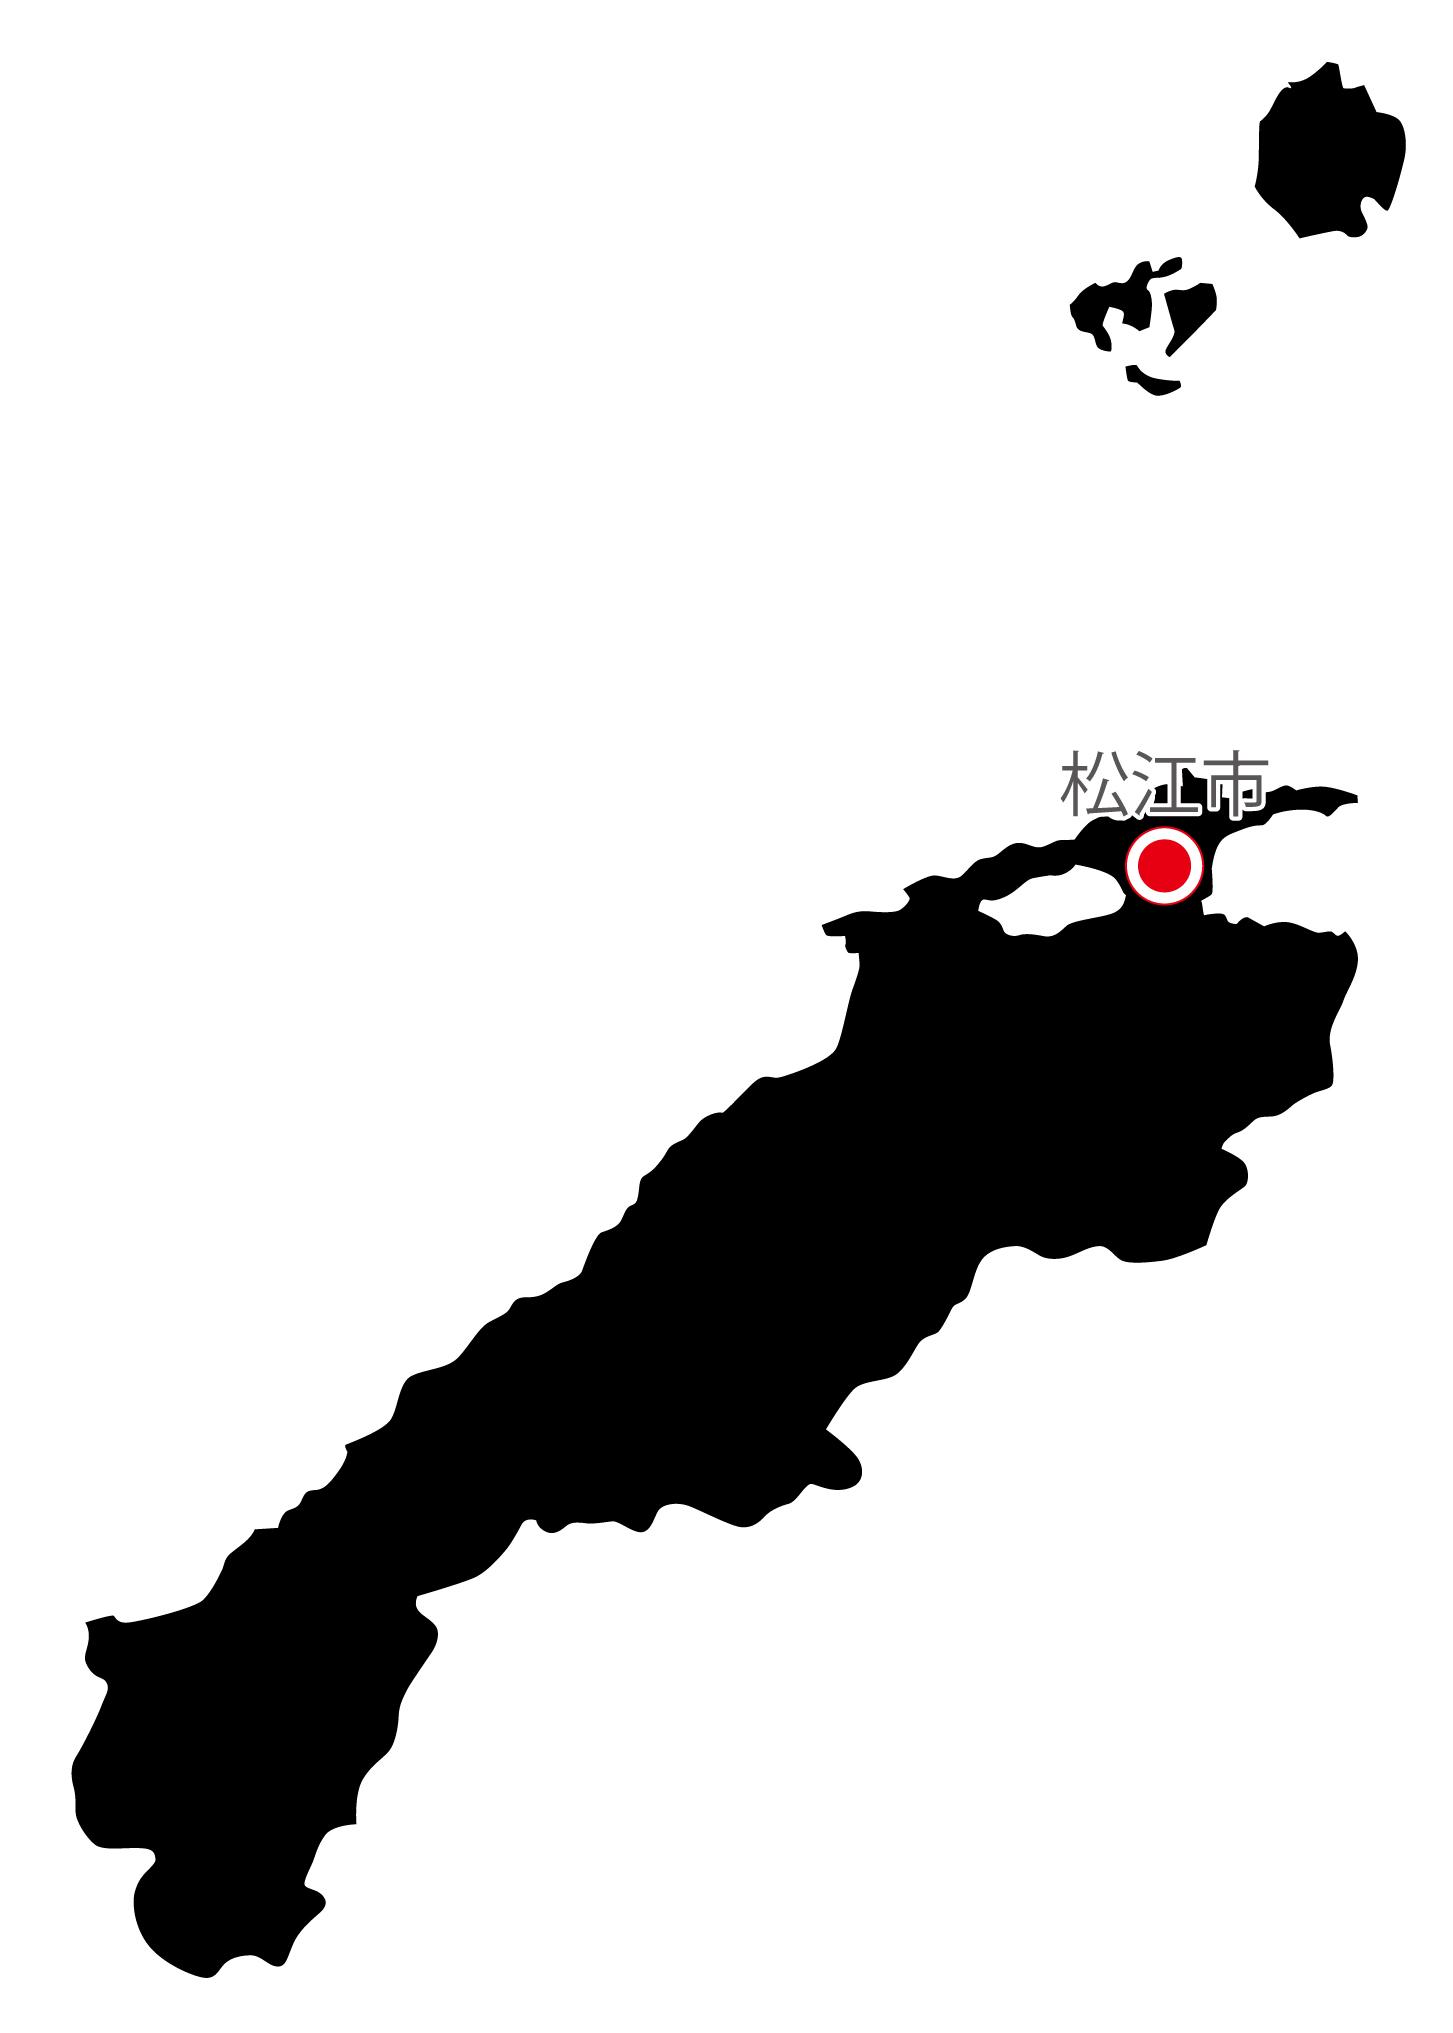 島根県無料フリーイラスト|日本語・県庁所在地あり(黒)